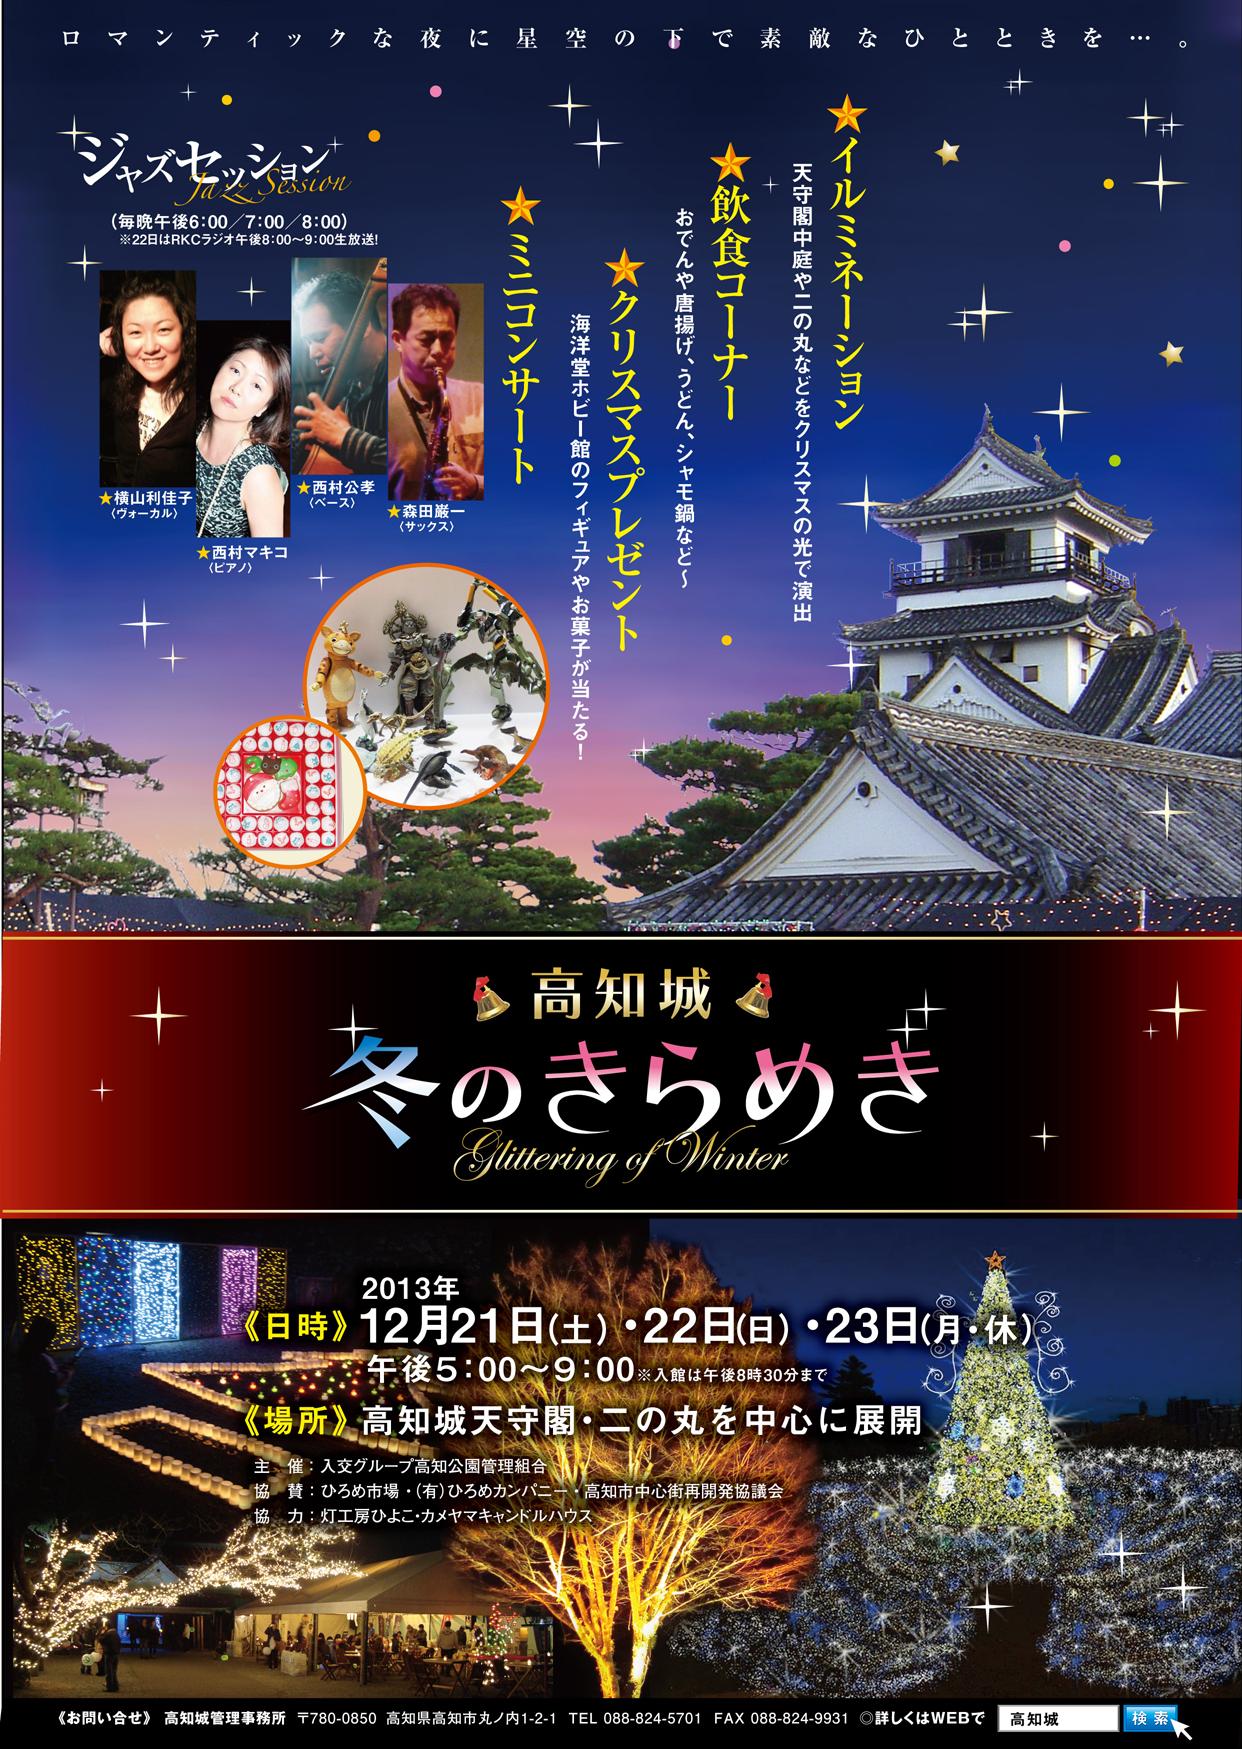 高知城冬のきらめき